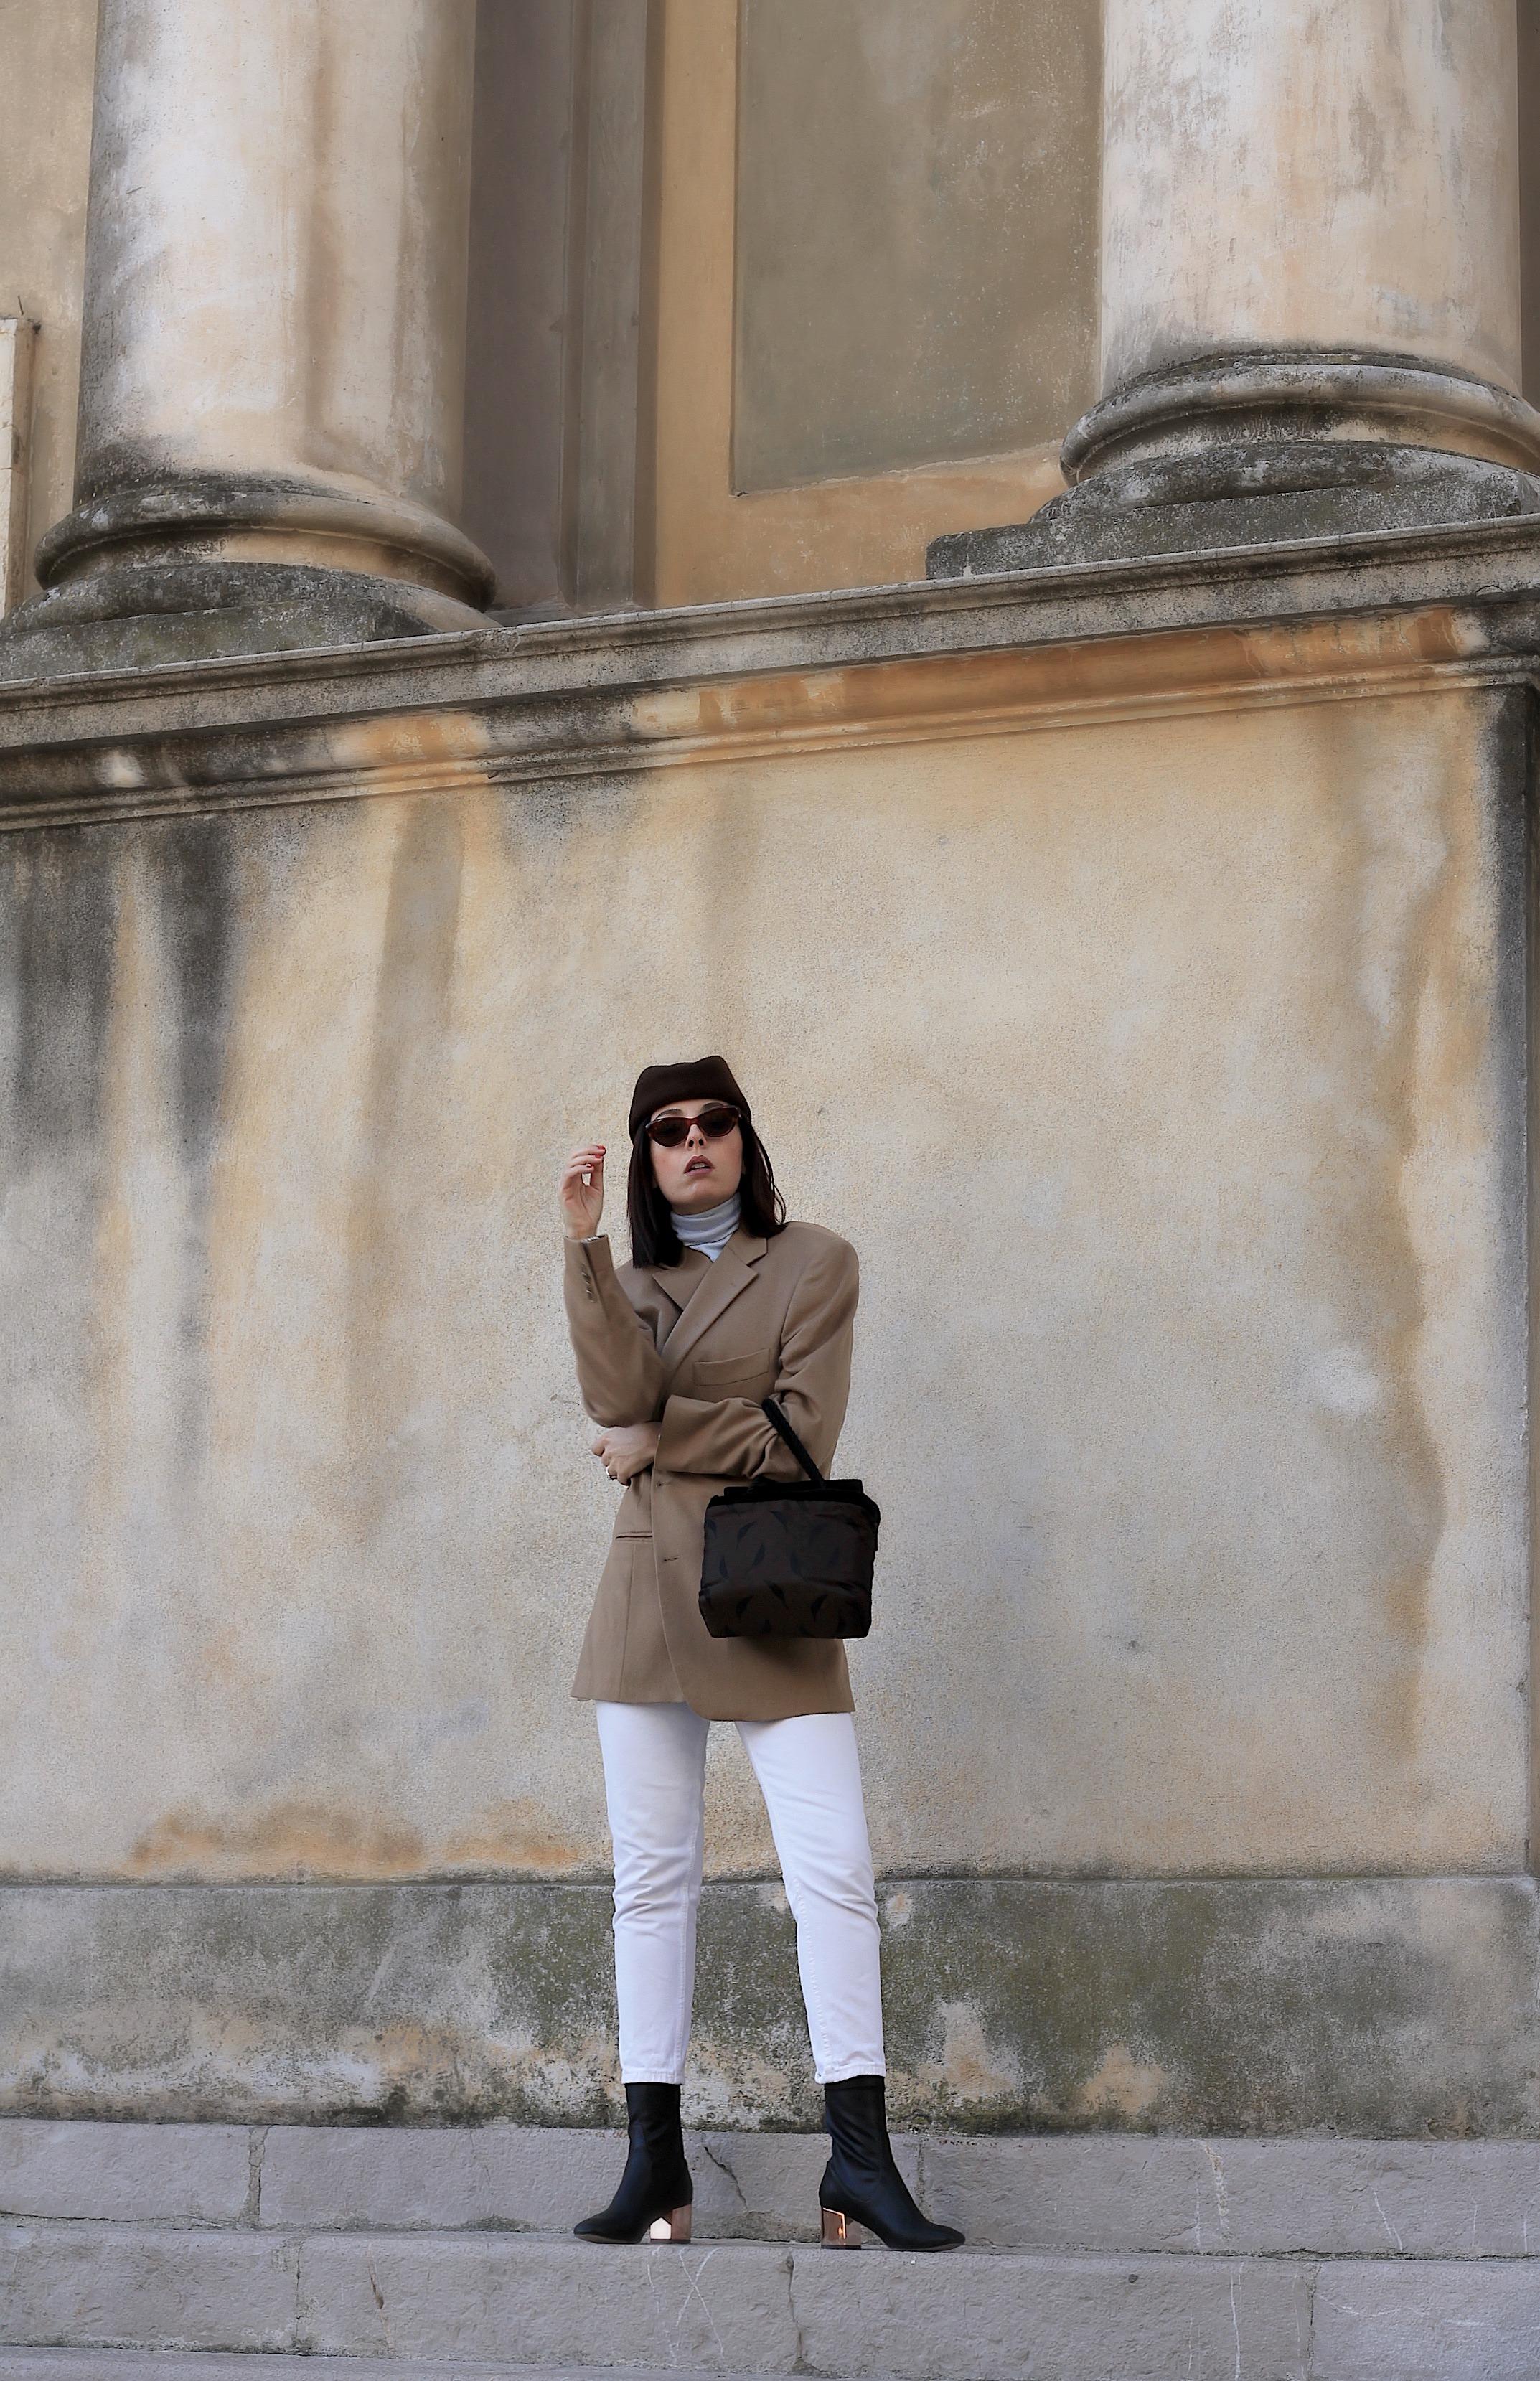 moda 2018, outfit moda 2018, tendenze moda 2018, power suit 2018, come indossare giacca uomo, outfit stile anni 80, blogger moda 2018, blogger moda italiane 2018, fashion blogger italialiane 2018, blogger milano 2018, elisa bellino, cintura gucci vintage, occhiali anni 80